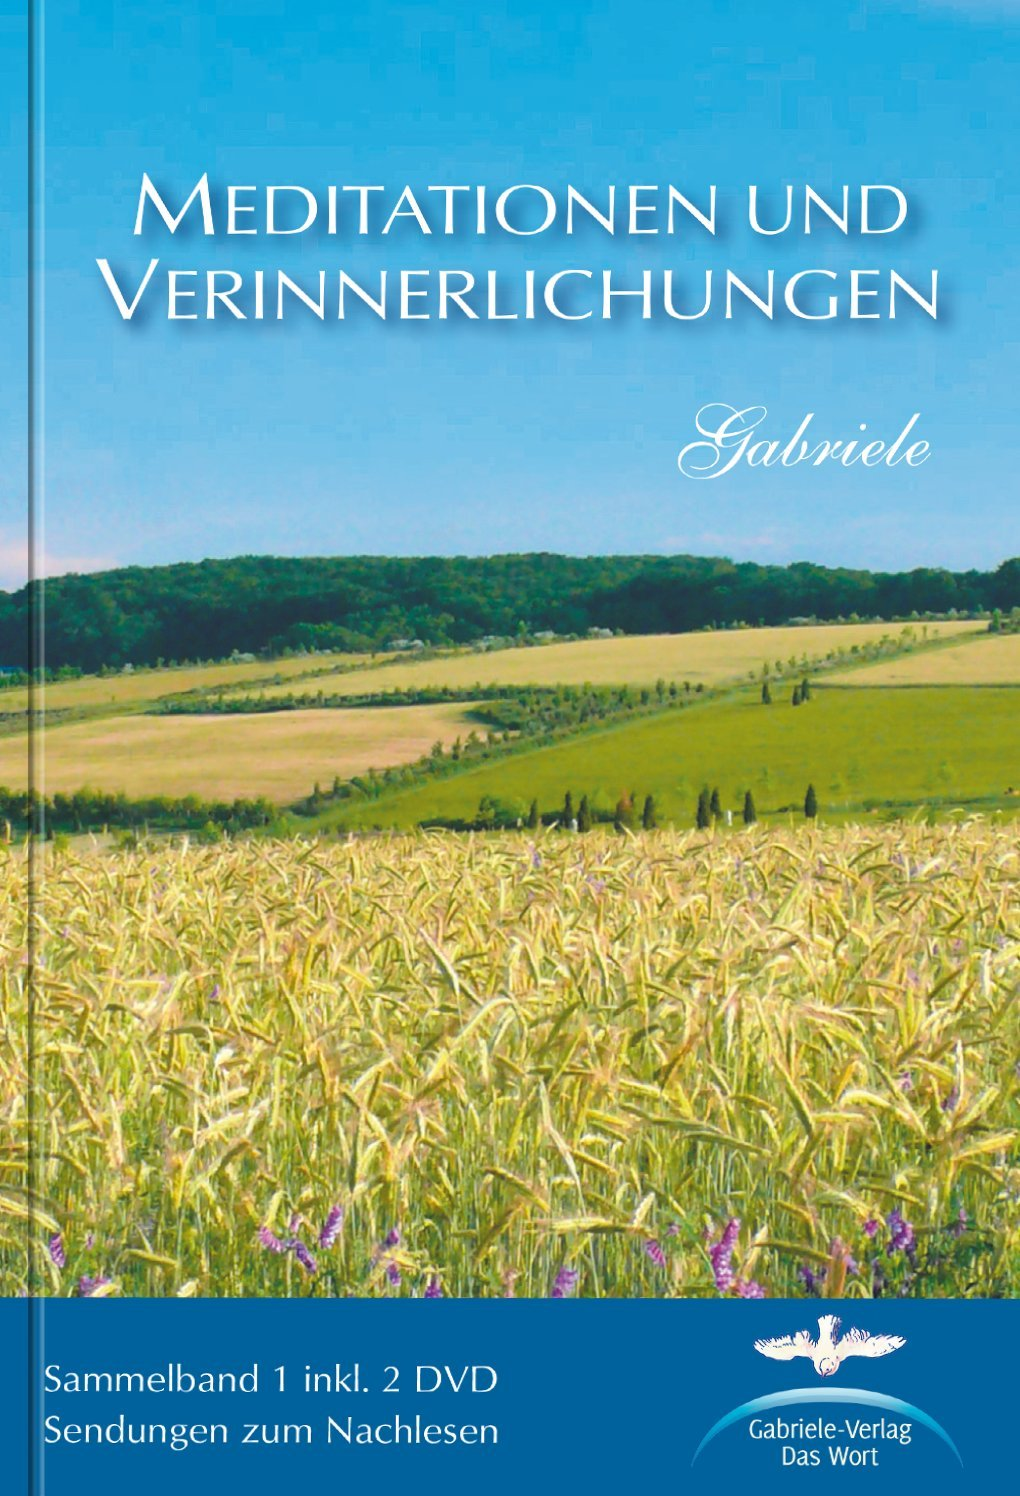 Meditationen und Verinnerlichungen: Sammelband 1 mit 2 DVD. Meditationen zum Nachlesen